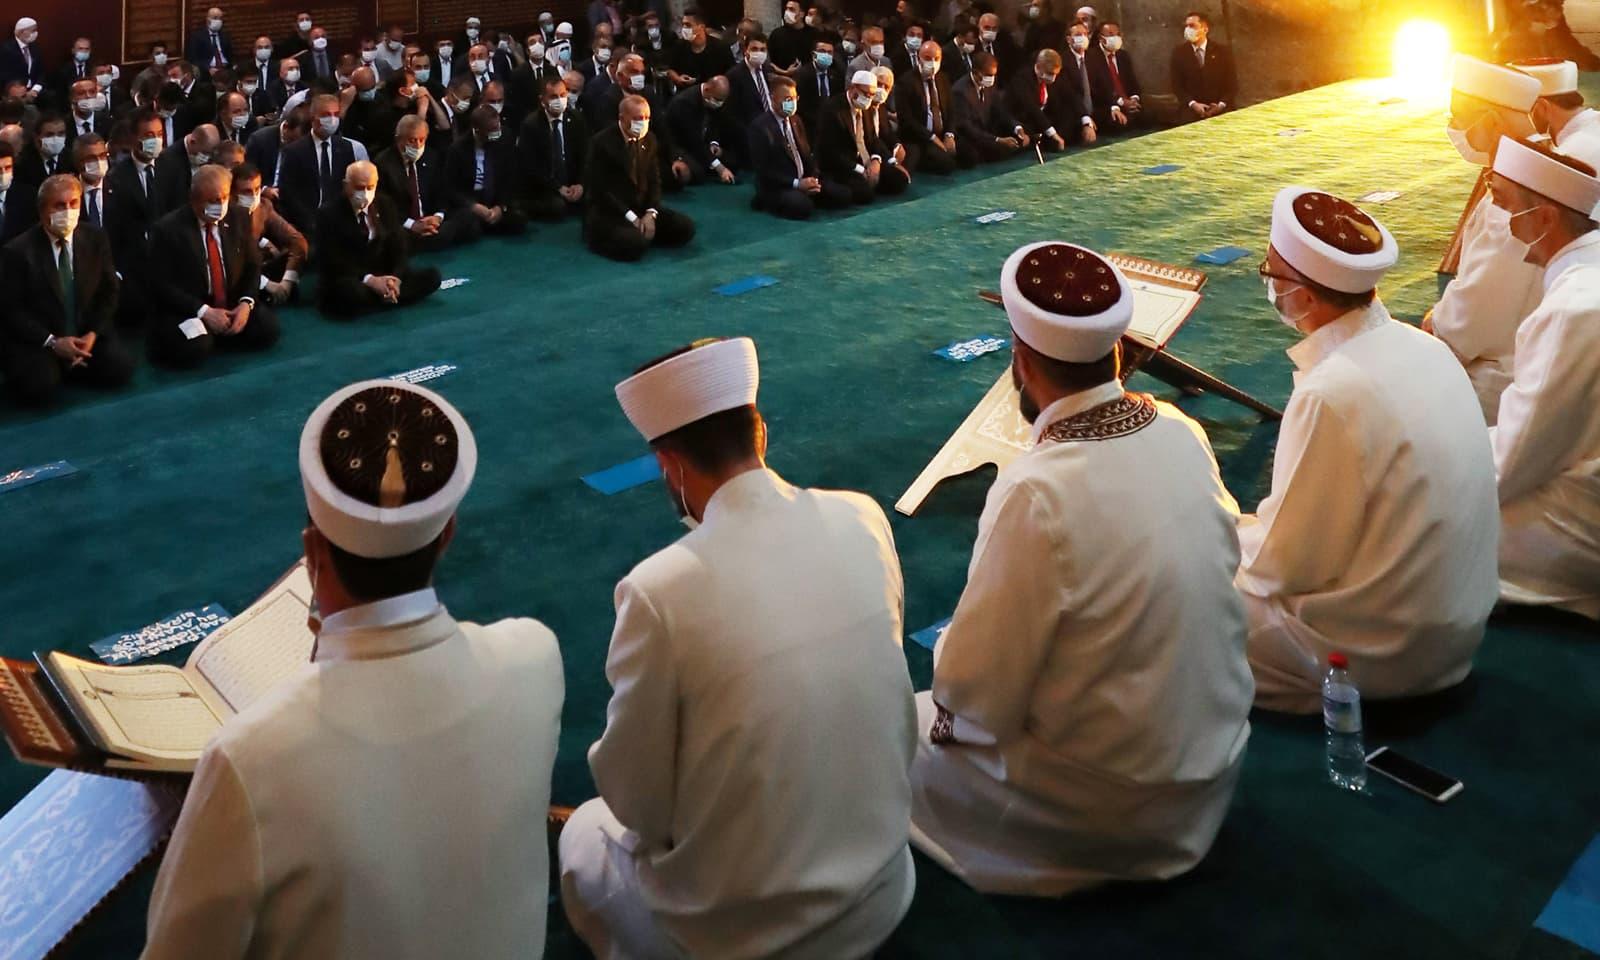 لوگوں نے نماز جمعہ سے کئی گھنٹے قبل ہی تلاوت قرآن پاک شروع کردی تھی — فوٹو:رائٹرز